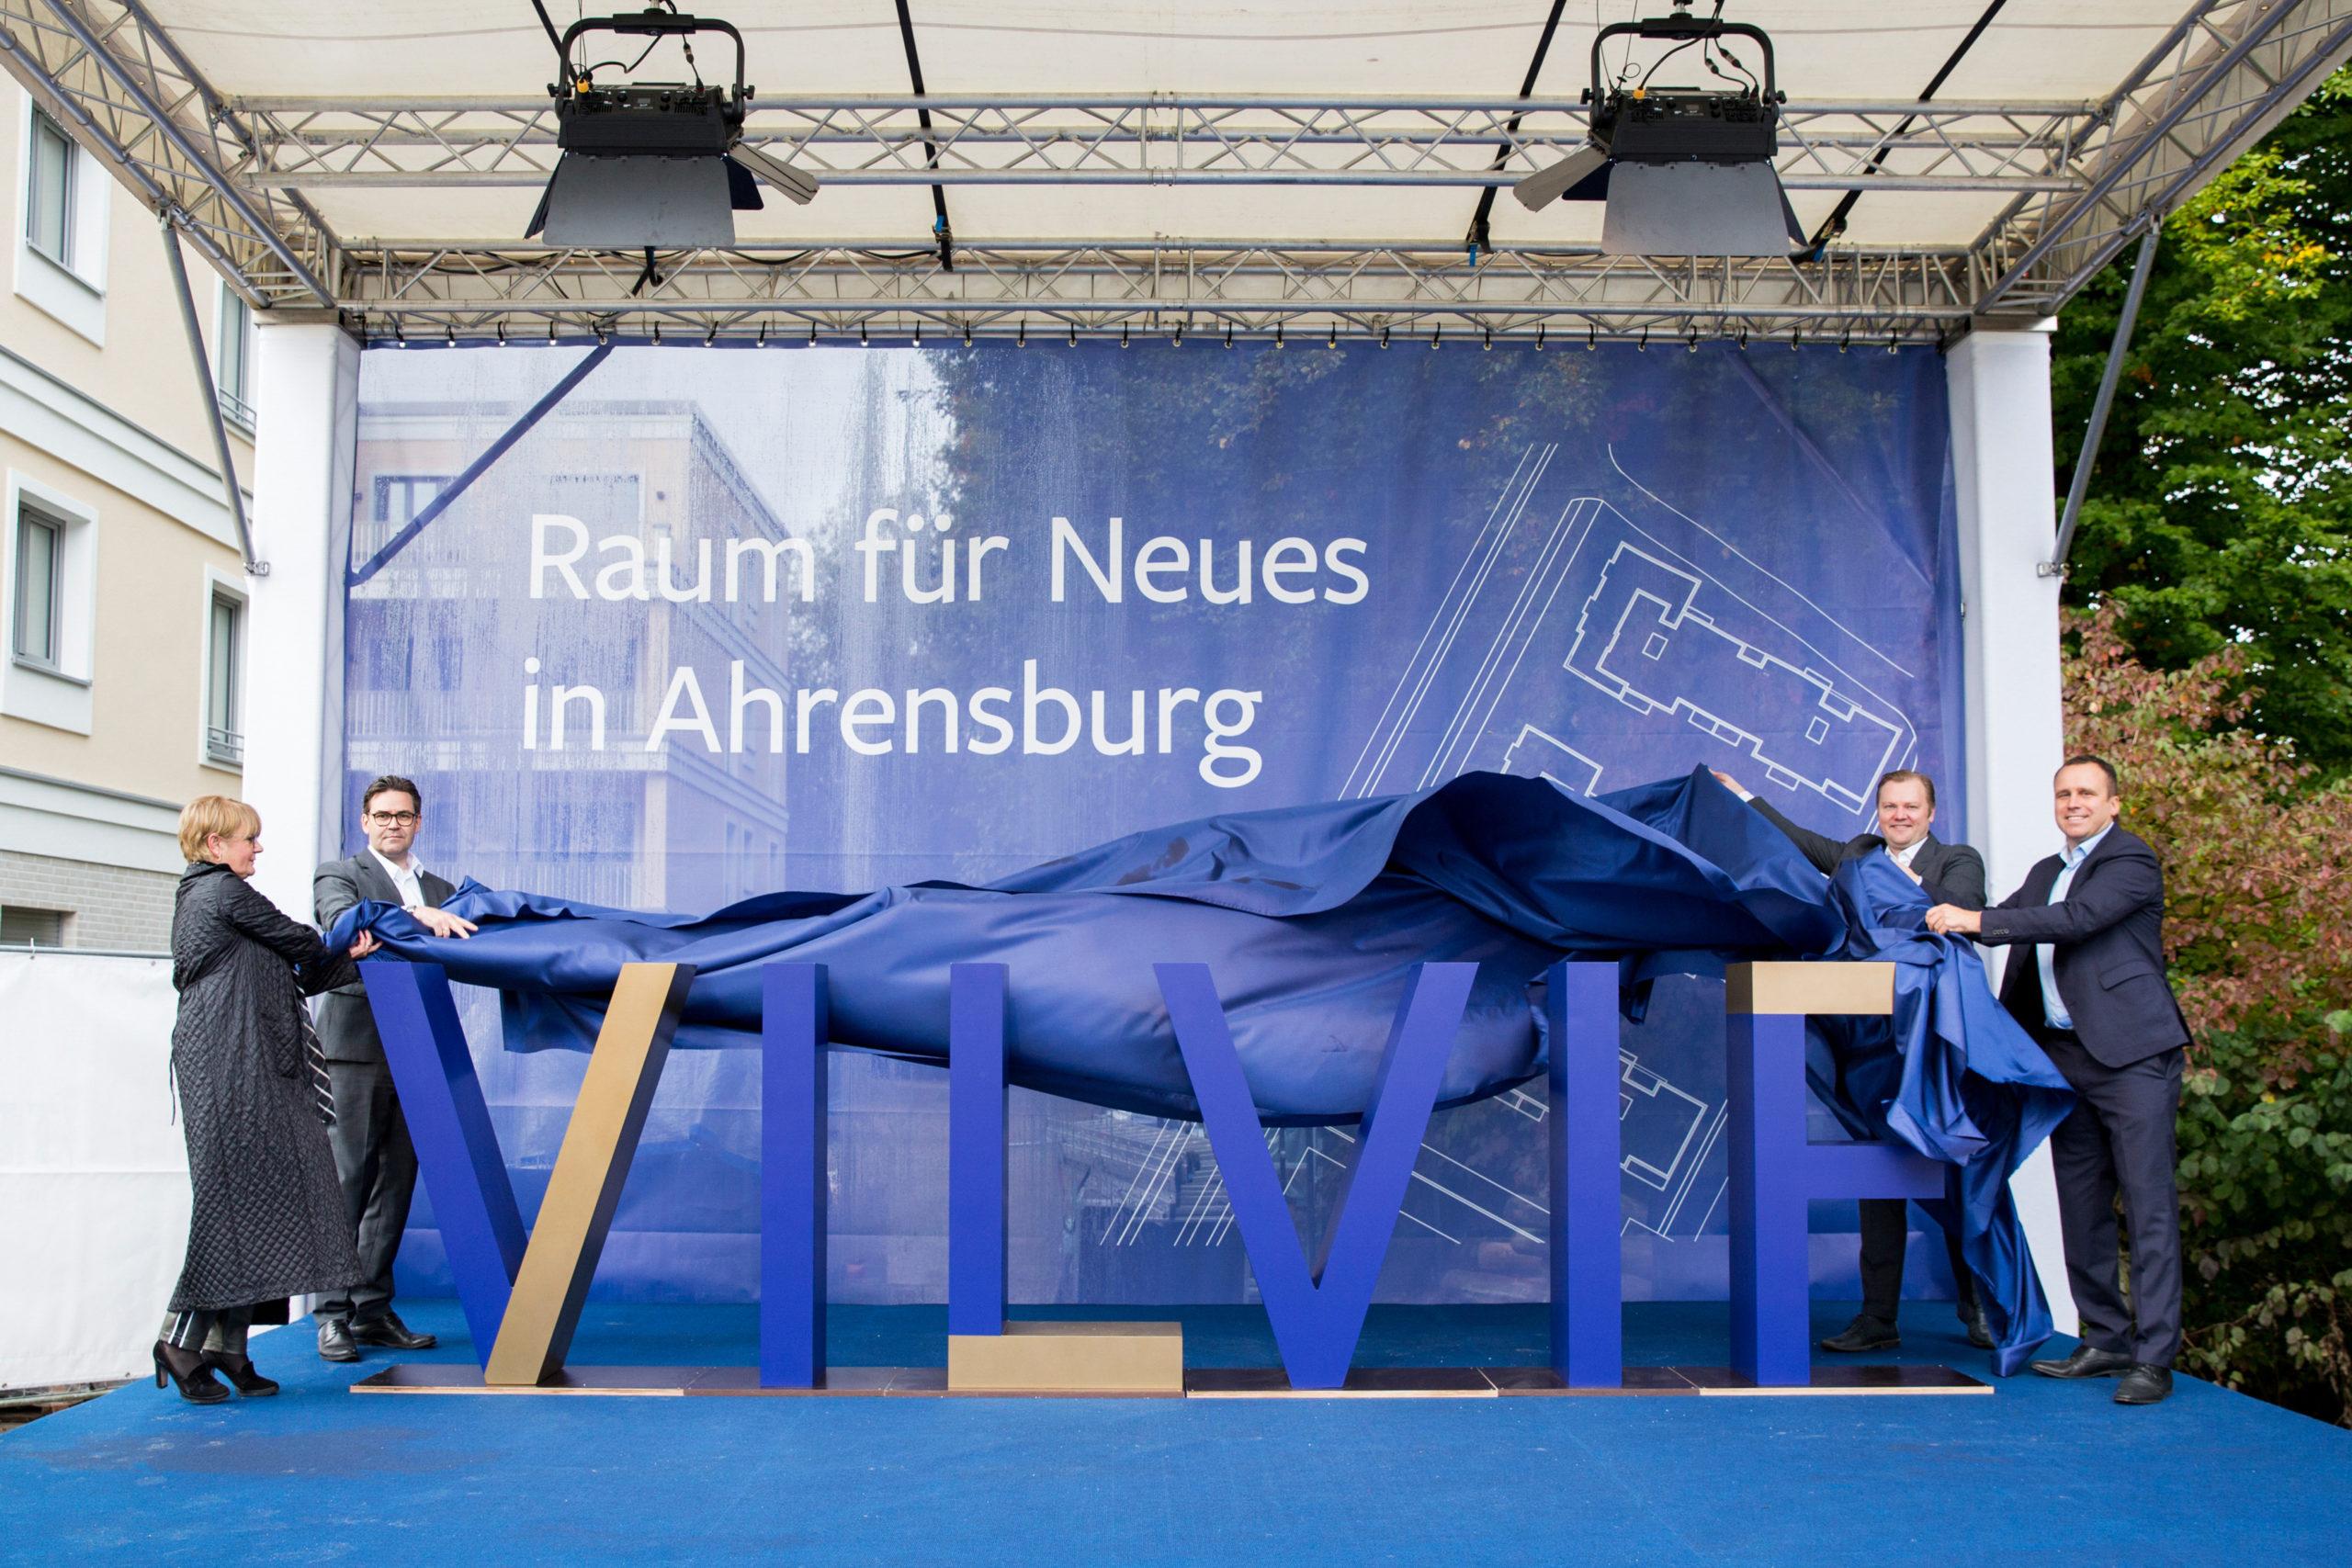 VILVIF als Betreiber in Ahrensburg vorgestellt